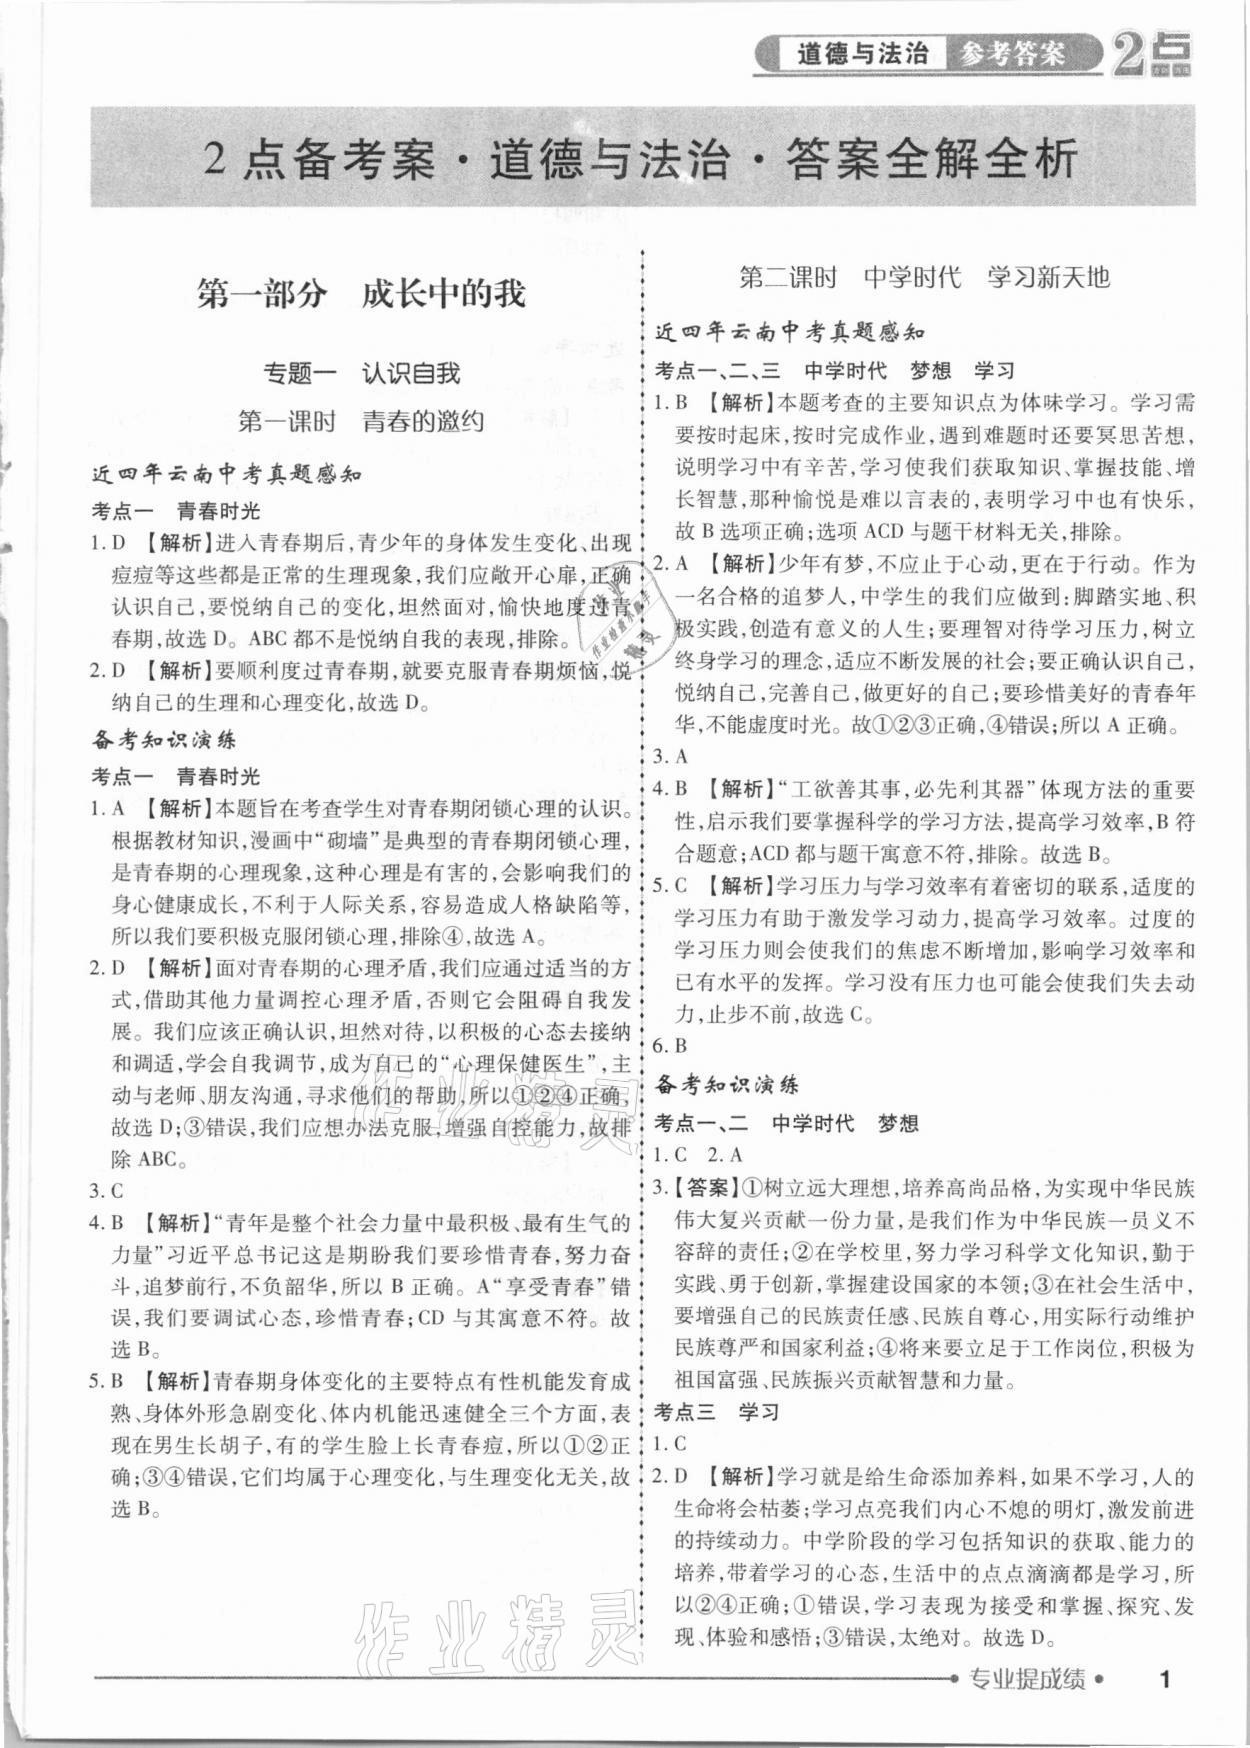 2021年2点备考案道德与法治第1页